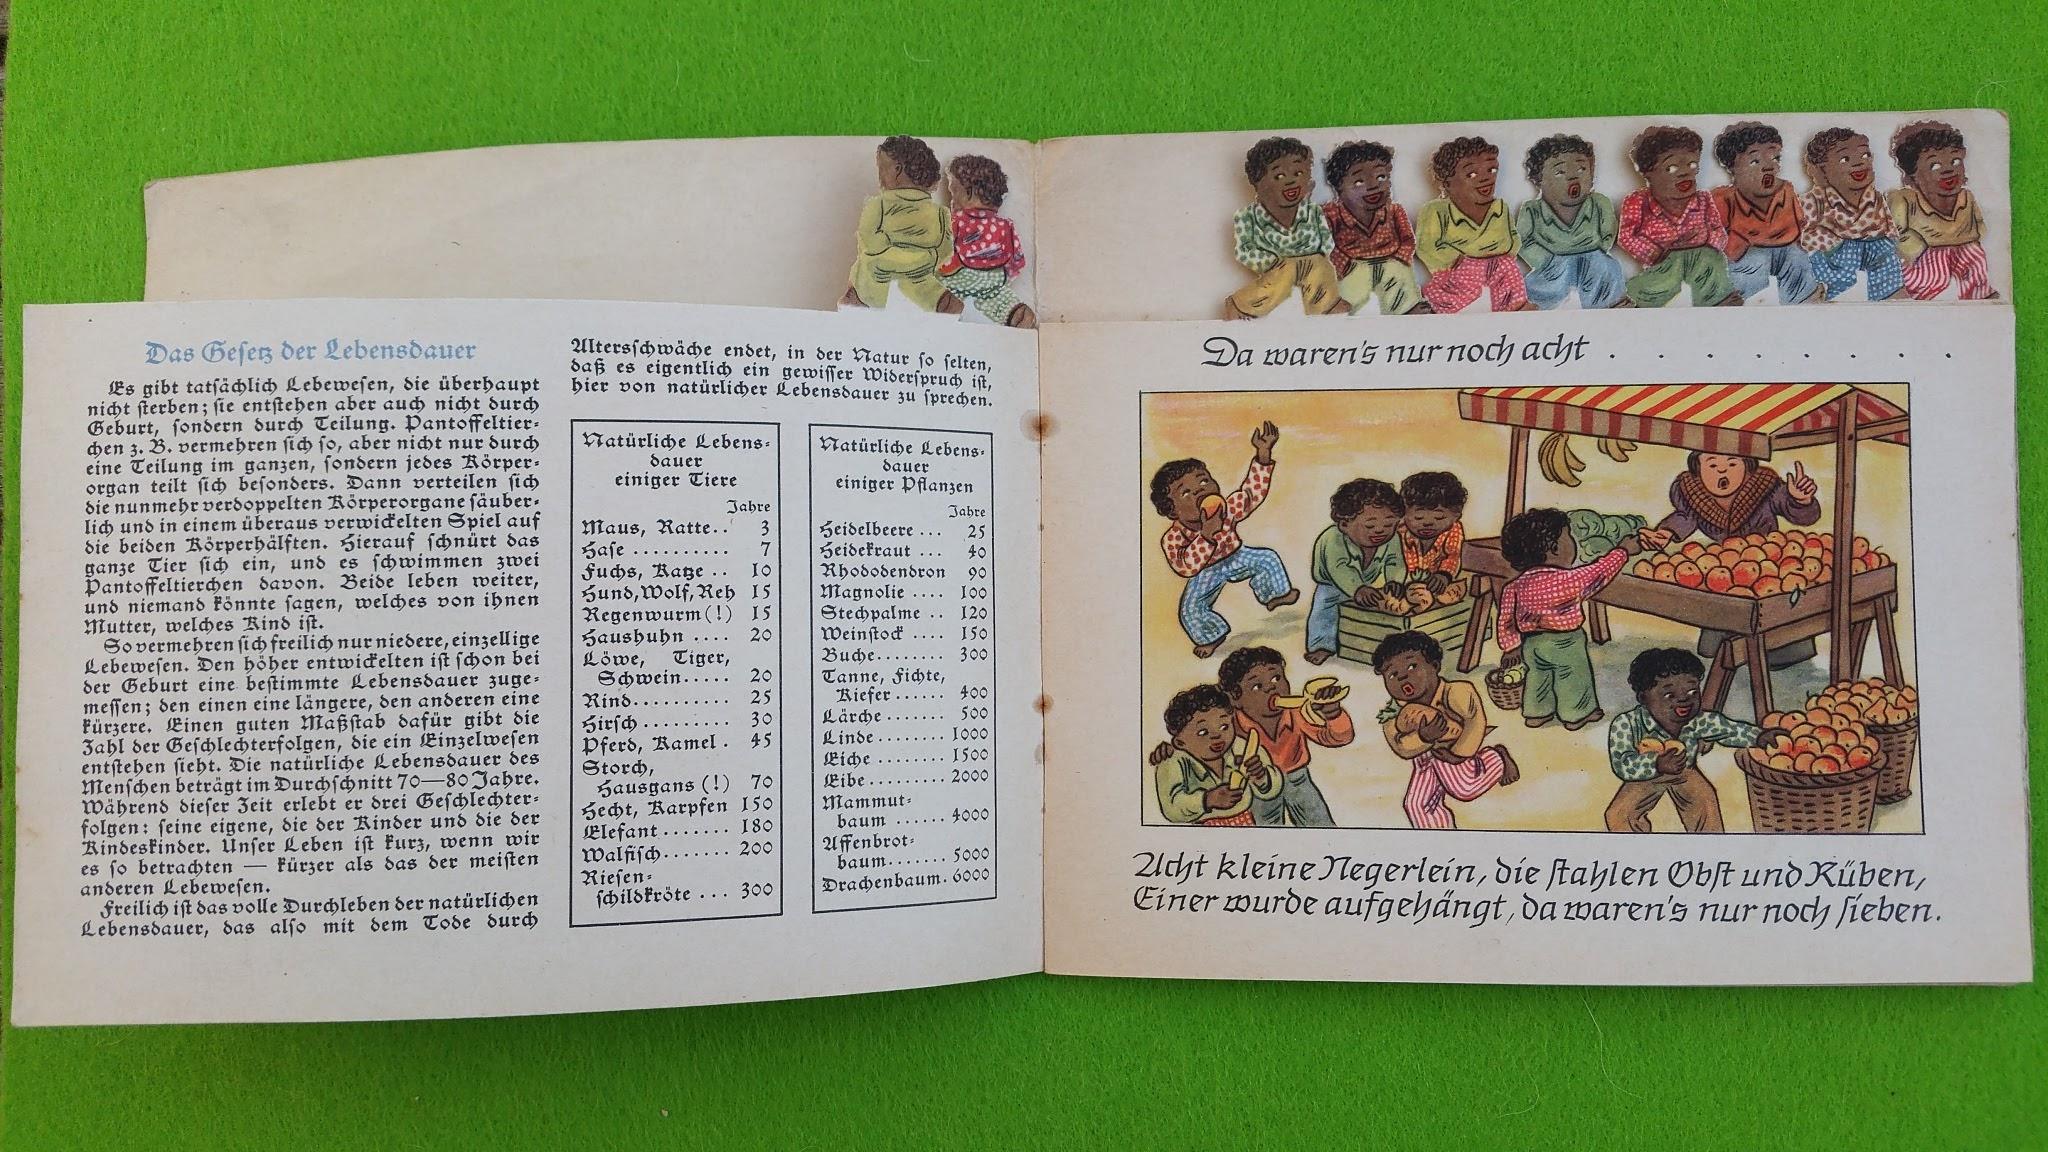 Zehn kleine Negerlein - Prospekt der Allianz und Stuttgarter Lebensversicherungsbank AG - 1939